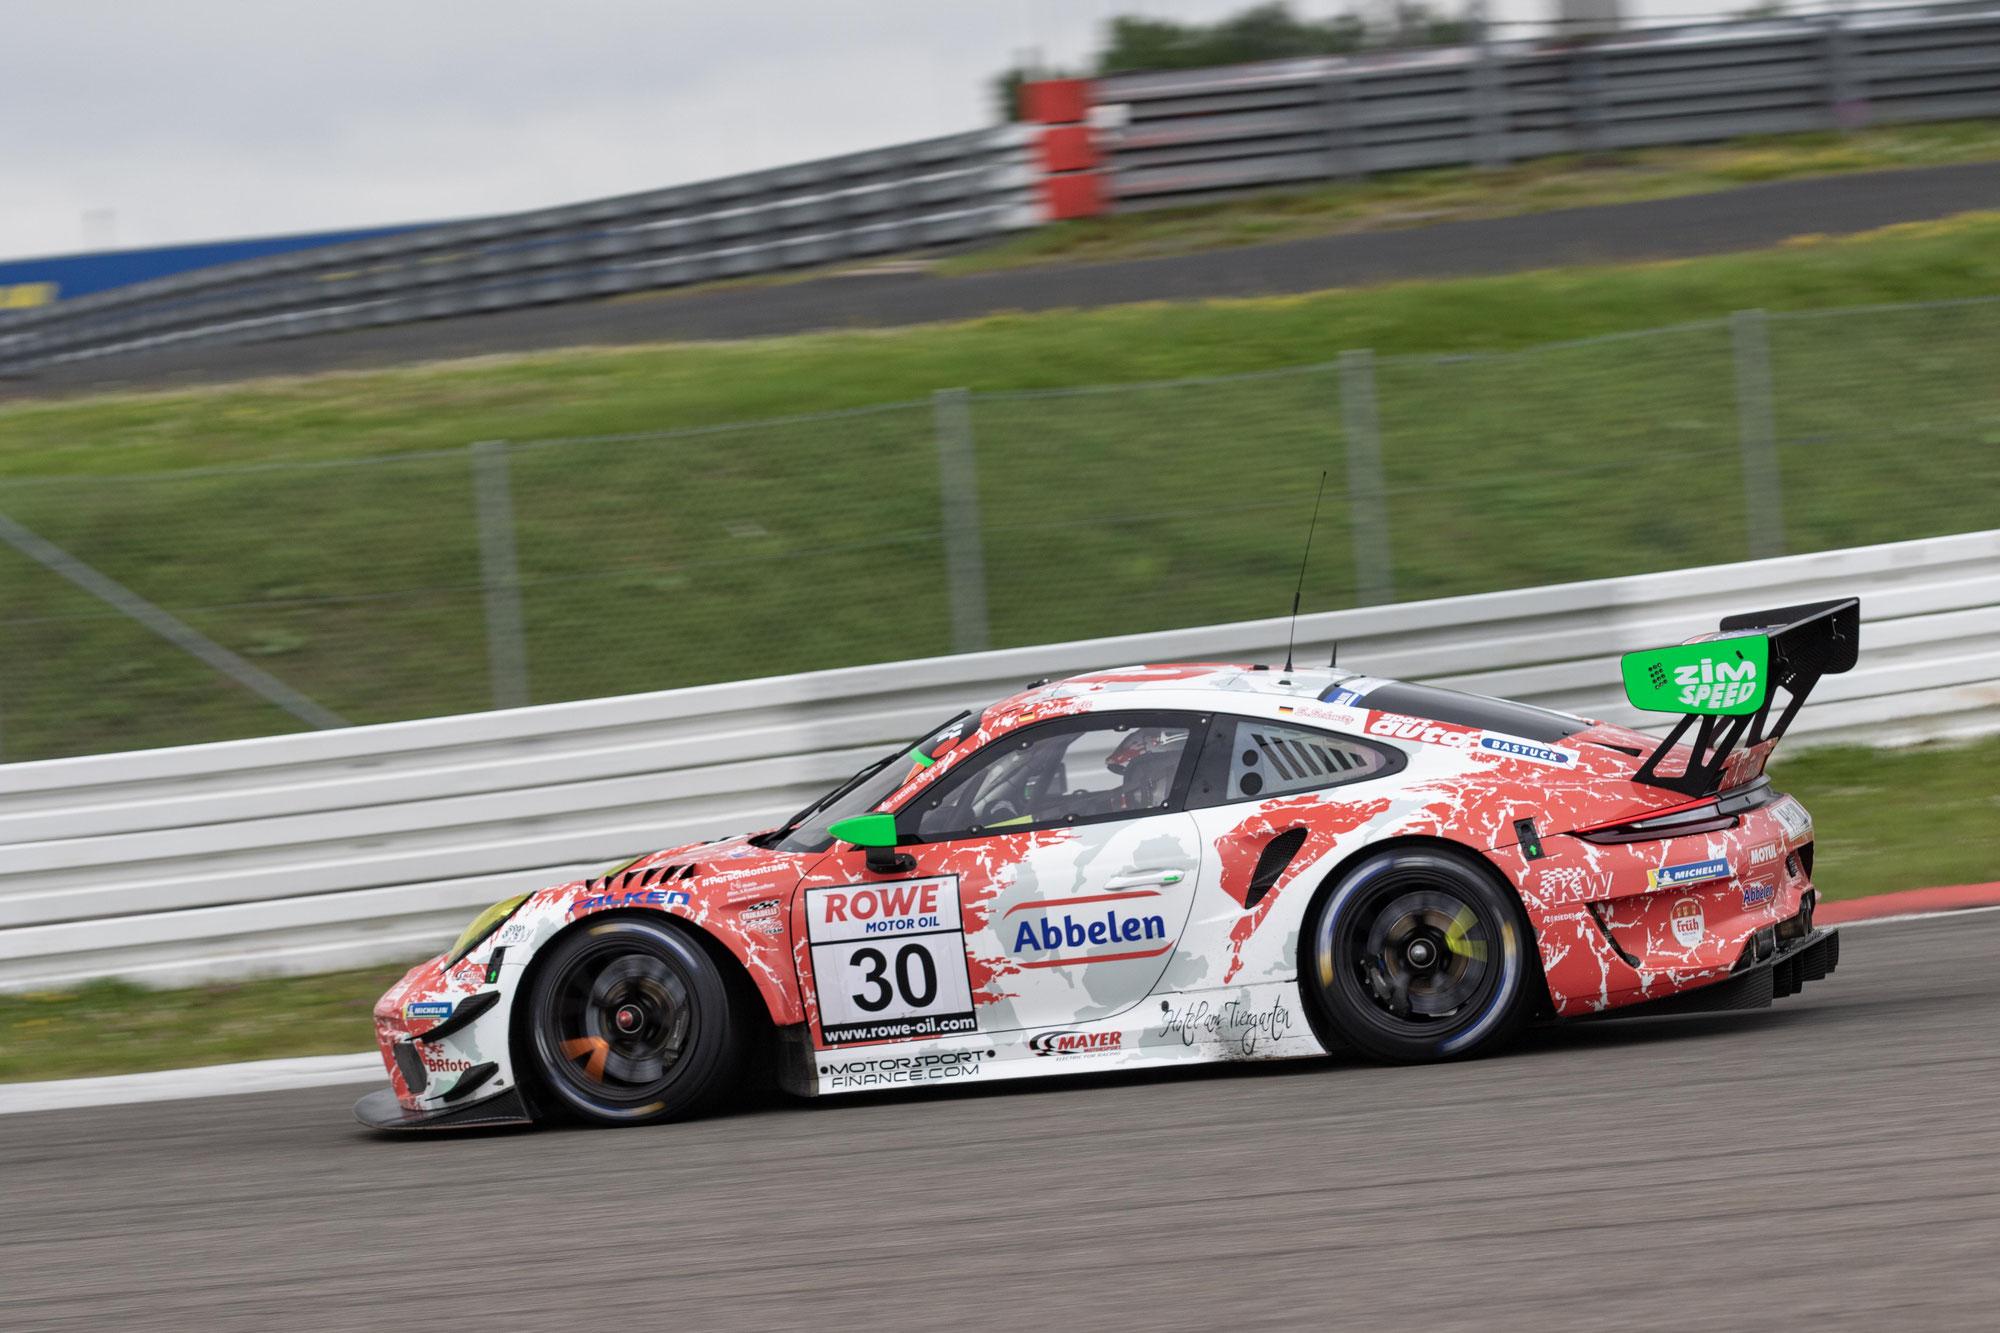 Erfolgreiches und lehrreiches Wochenende für Frikadelli Racing